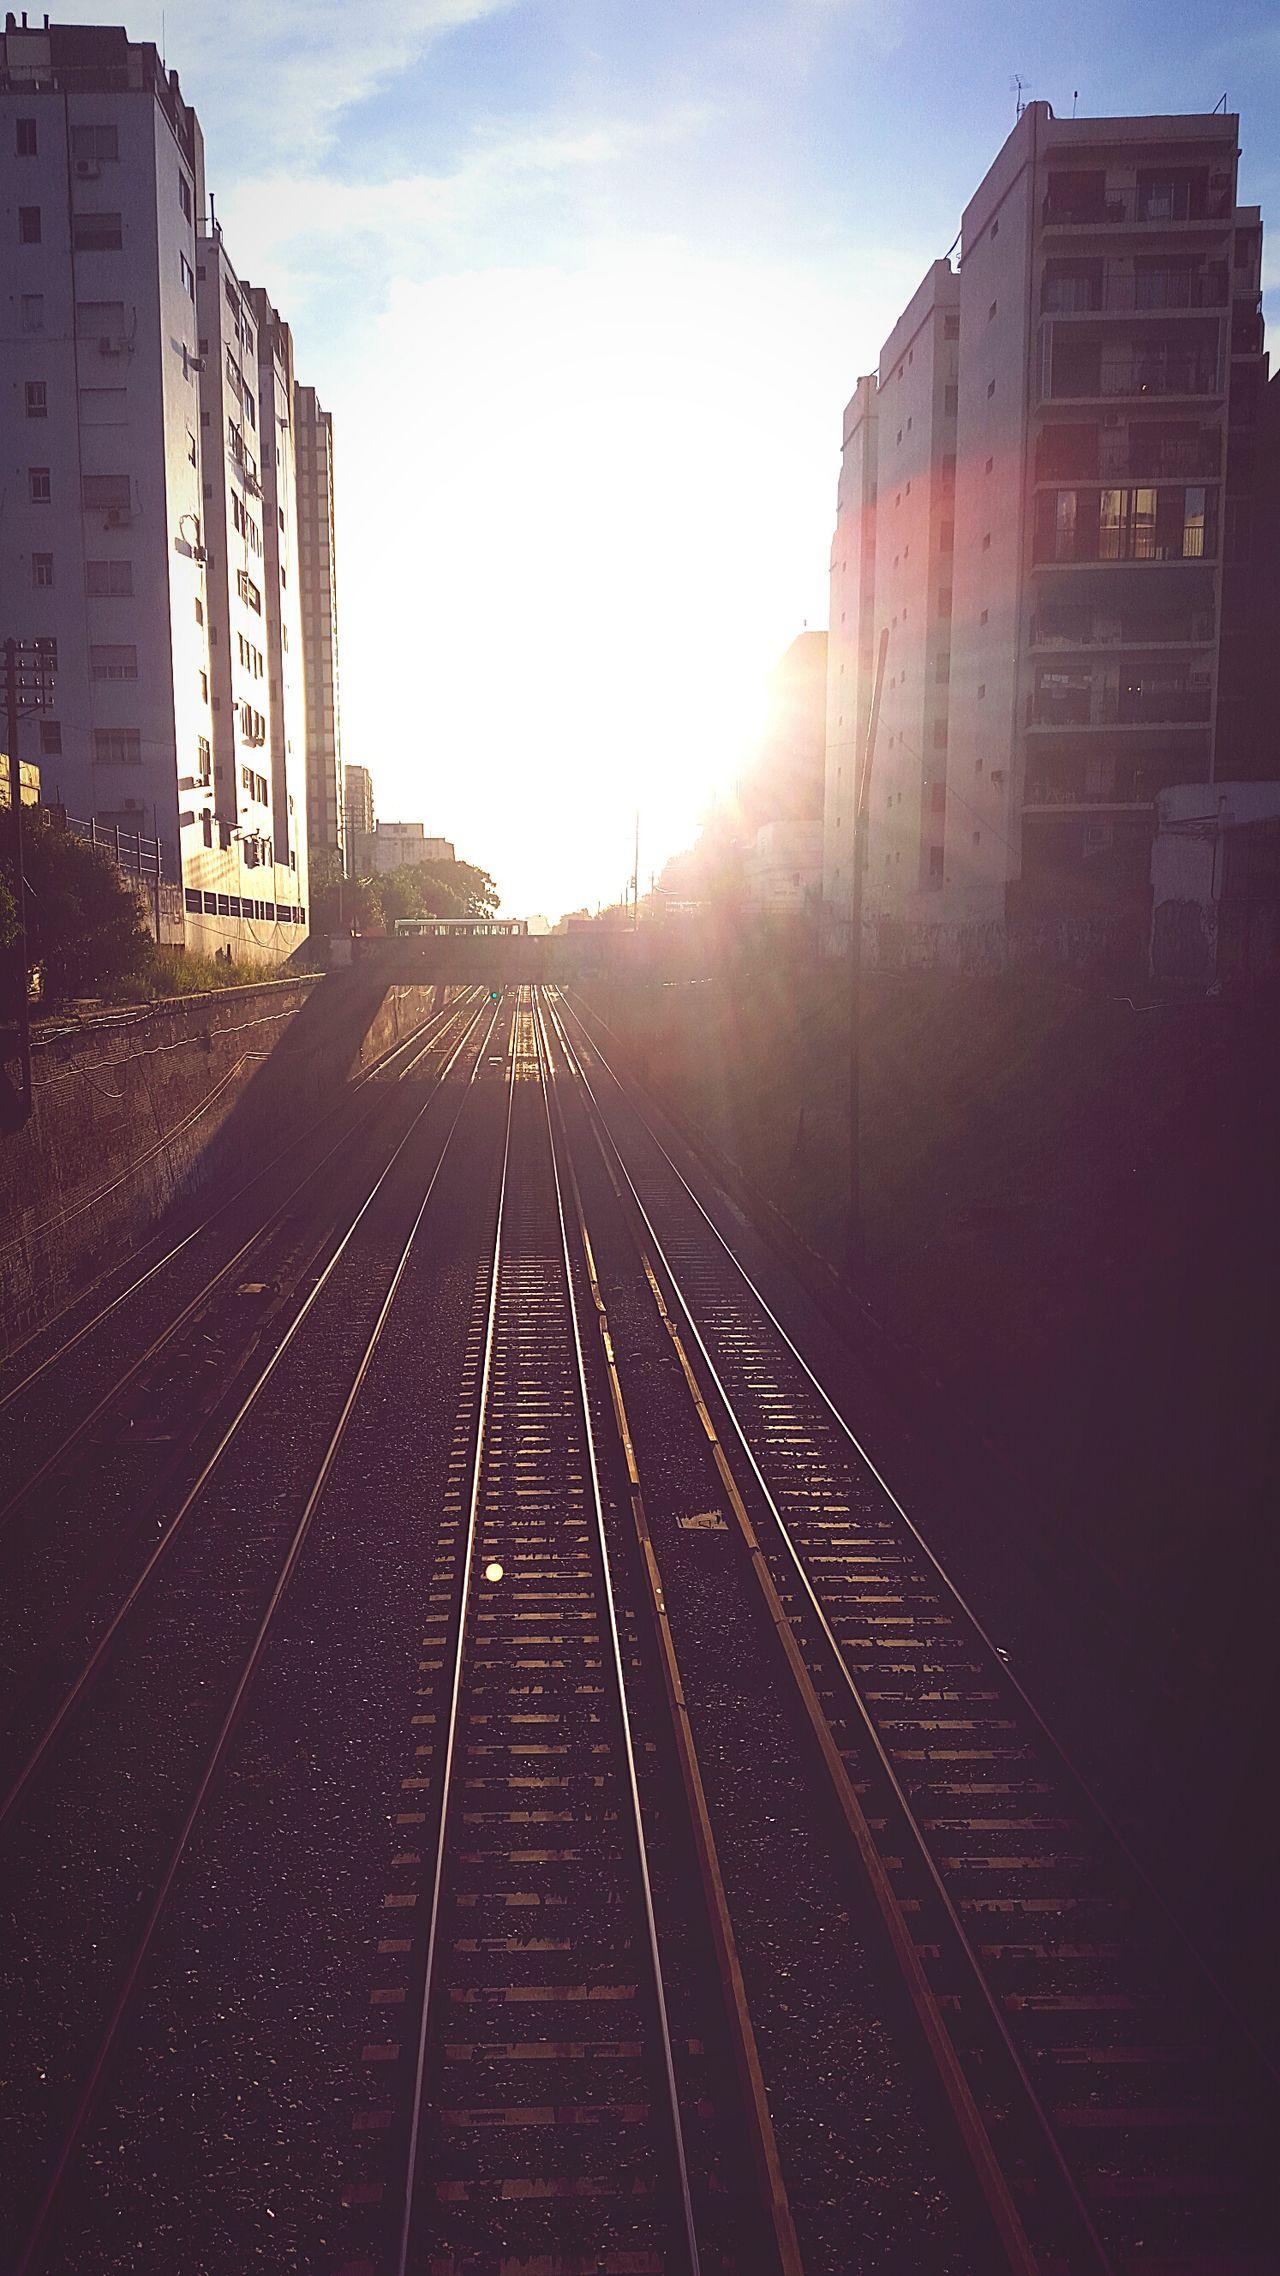 No siempre pasan una sola vez... Vias Del Tren Viasdetren Trenes Caminos Decisiones Decision